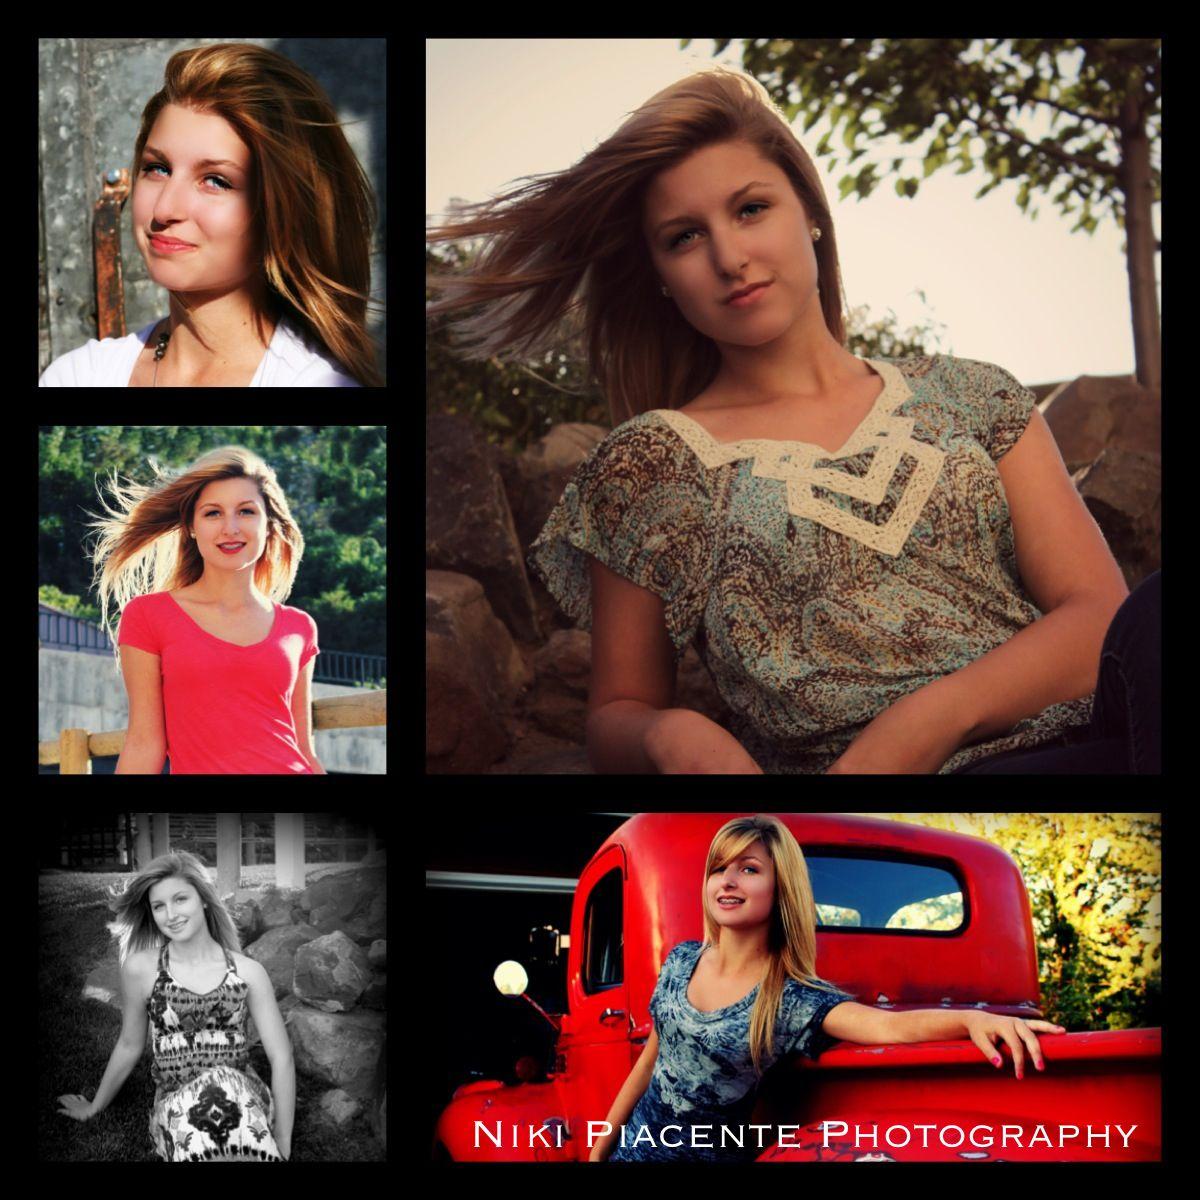 #Senior photos #senior portraits www.nikipiacente.smugmug.com